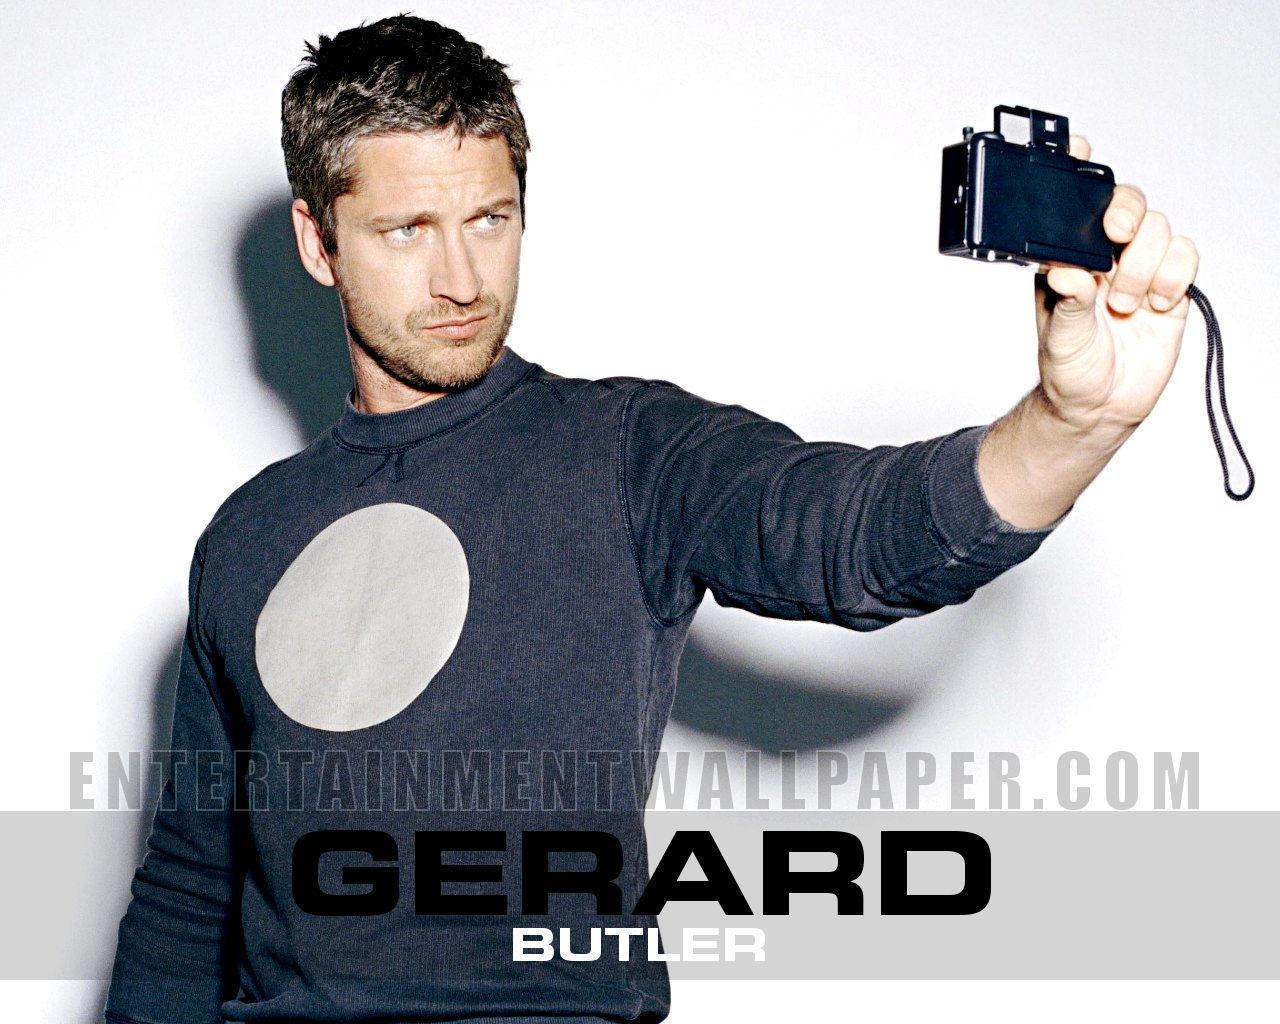 http://4.bp.blogspot.com/_nU1P-tNFNq8/TUpFgsu4IoI/AAAAAAAACbQ/8aJU2lUi1c4/s1600/Gerard-Butler-gerard-butler-17538556-1280-1024.jpg